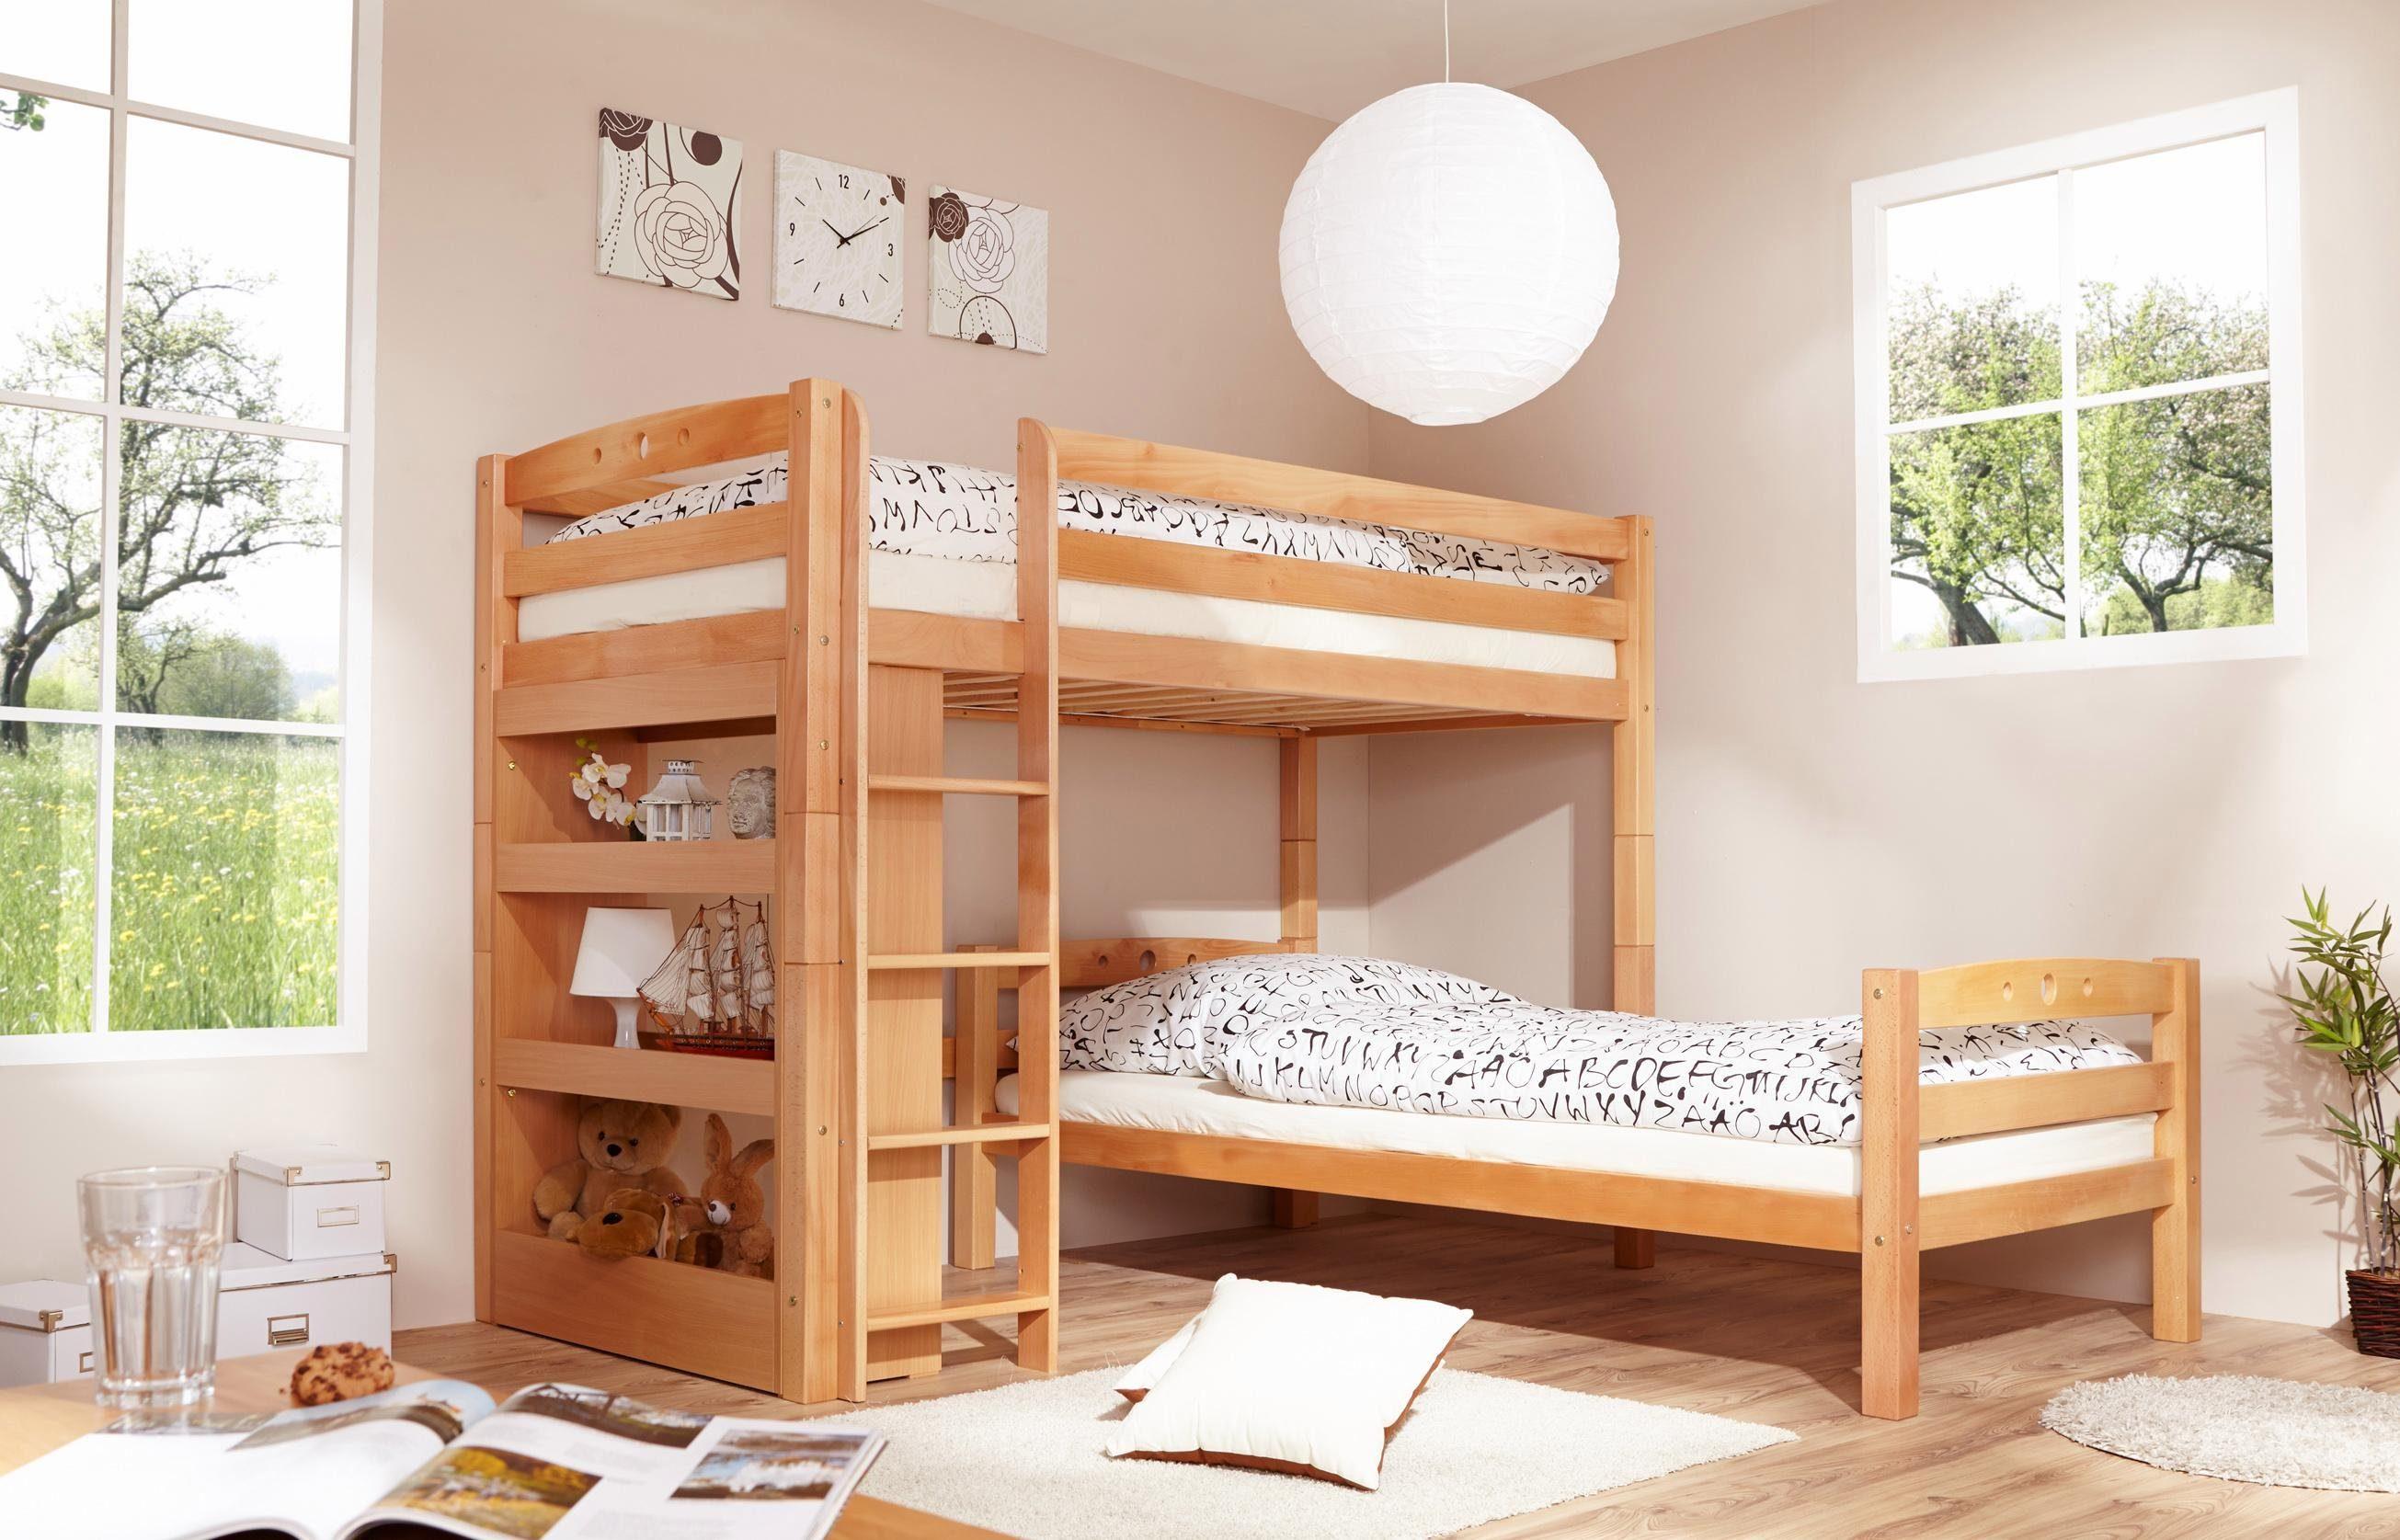 Etagenbett Lupo 2 : Gruen buche massiv etagenbetten online kaufen möbel suchmaschine